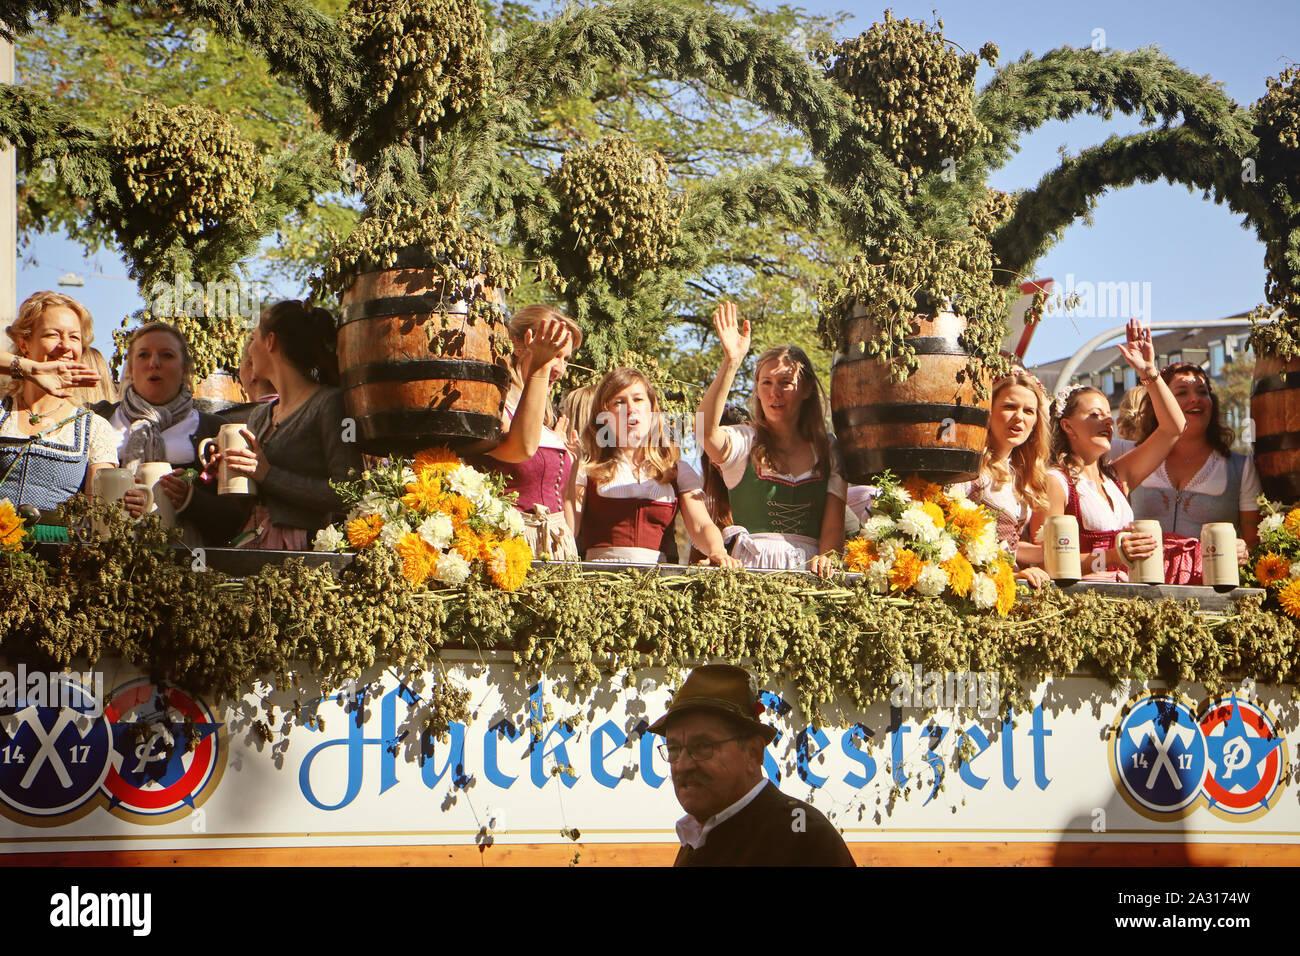 MUNICH, ALLEMAGNE - le 22 septembre 2019 Grande entrée de l'Oktoberfest, les locateurs et les brasseries, parade festive de magnifiques voitures décorées et ban Banque D'Images